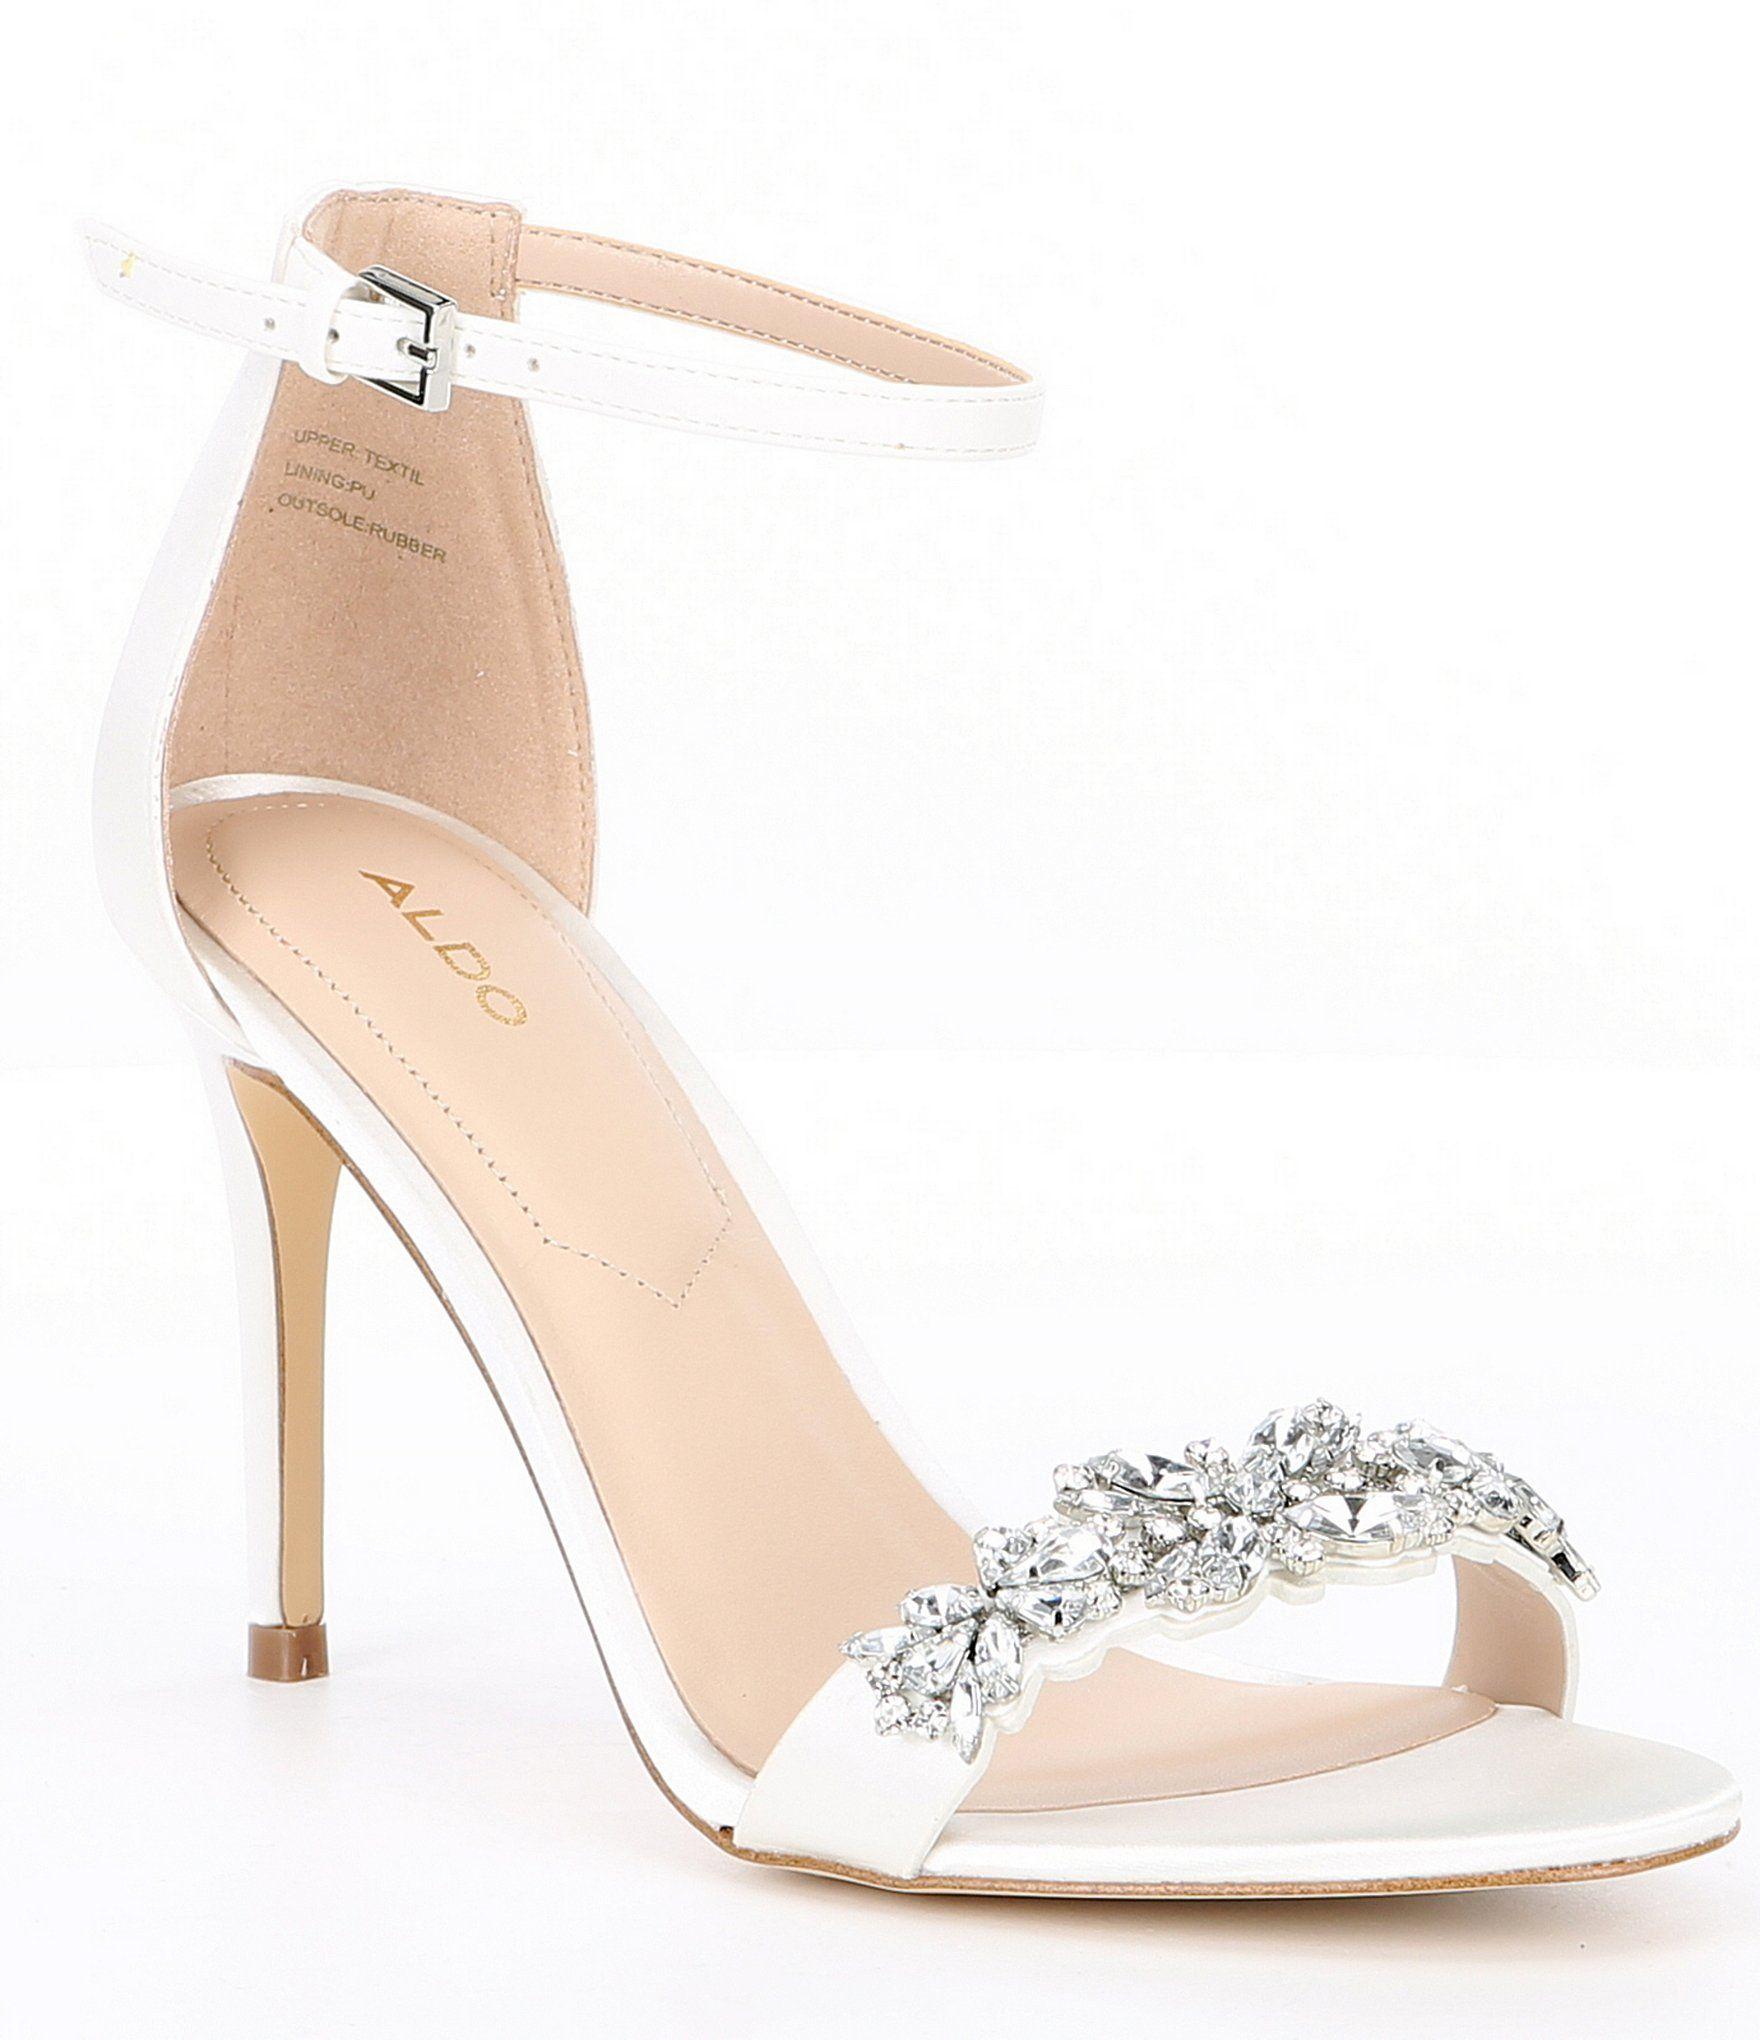 Shop For Aldo Lareladia Two Piece Embellished Sandals At Dillards